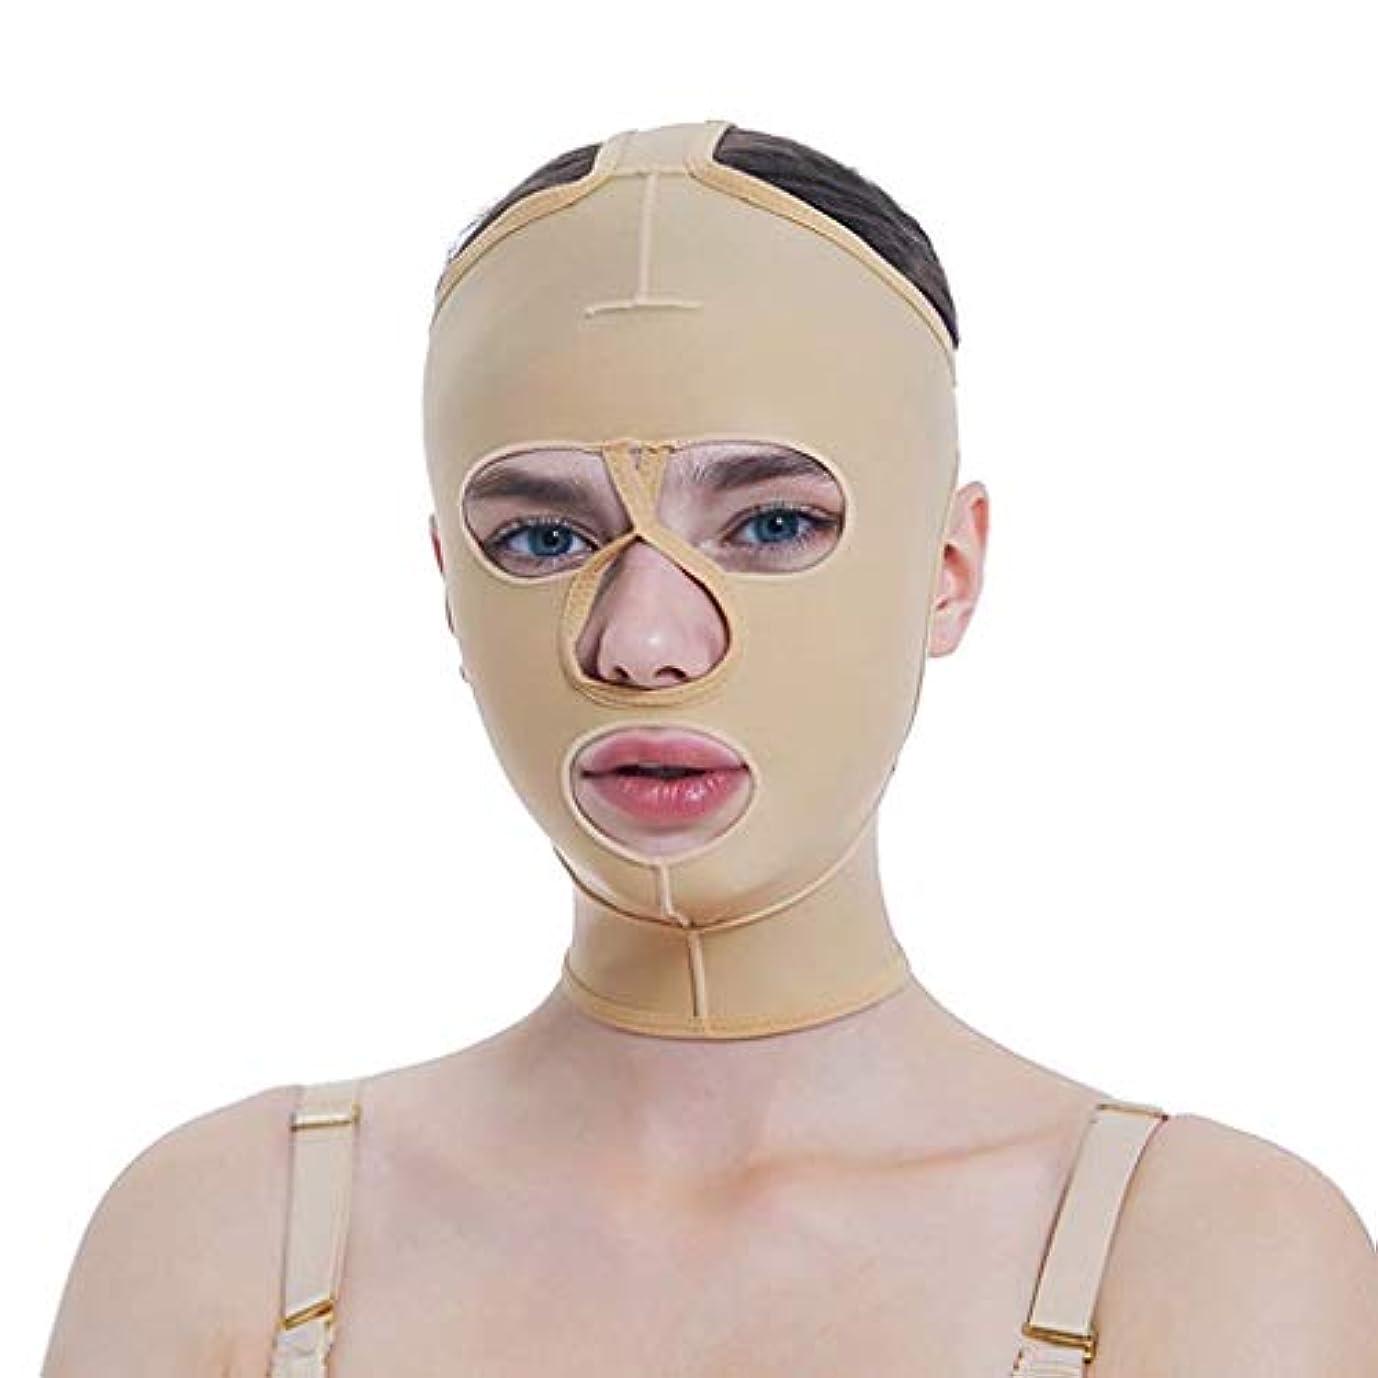 櫛経歴壊す脂肪吸引術用成形マスク、薄手かつらVフェイスビームフェイス弾性スリーブマルチサイズオプション(サイズ:M)